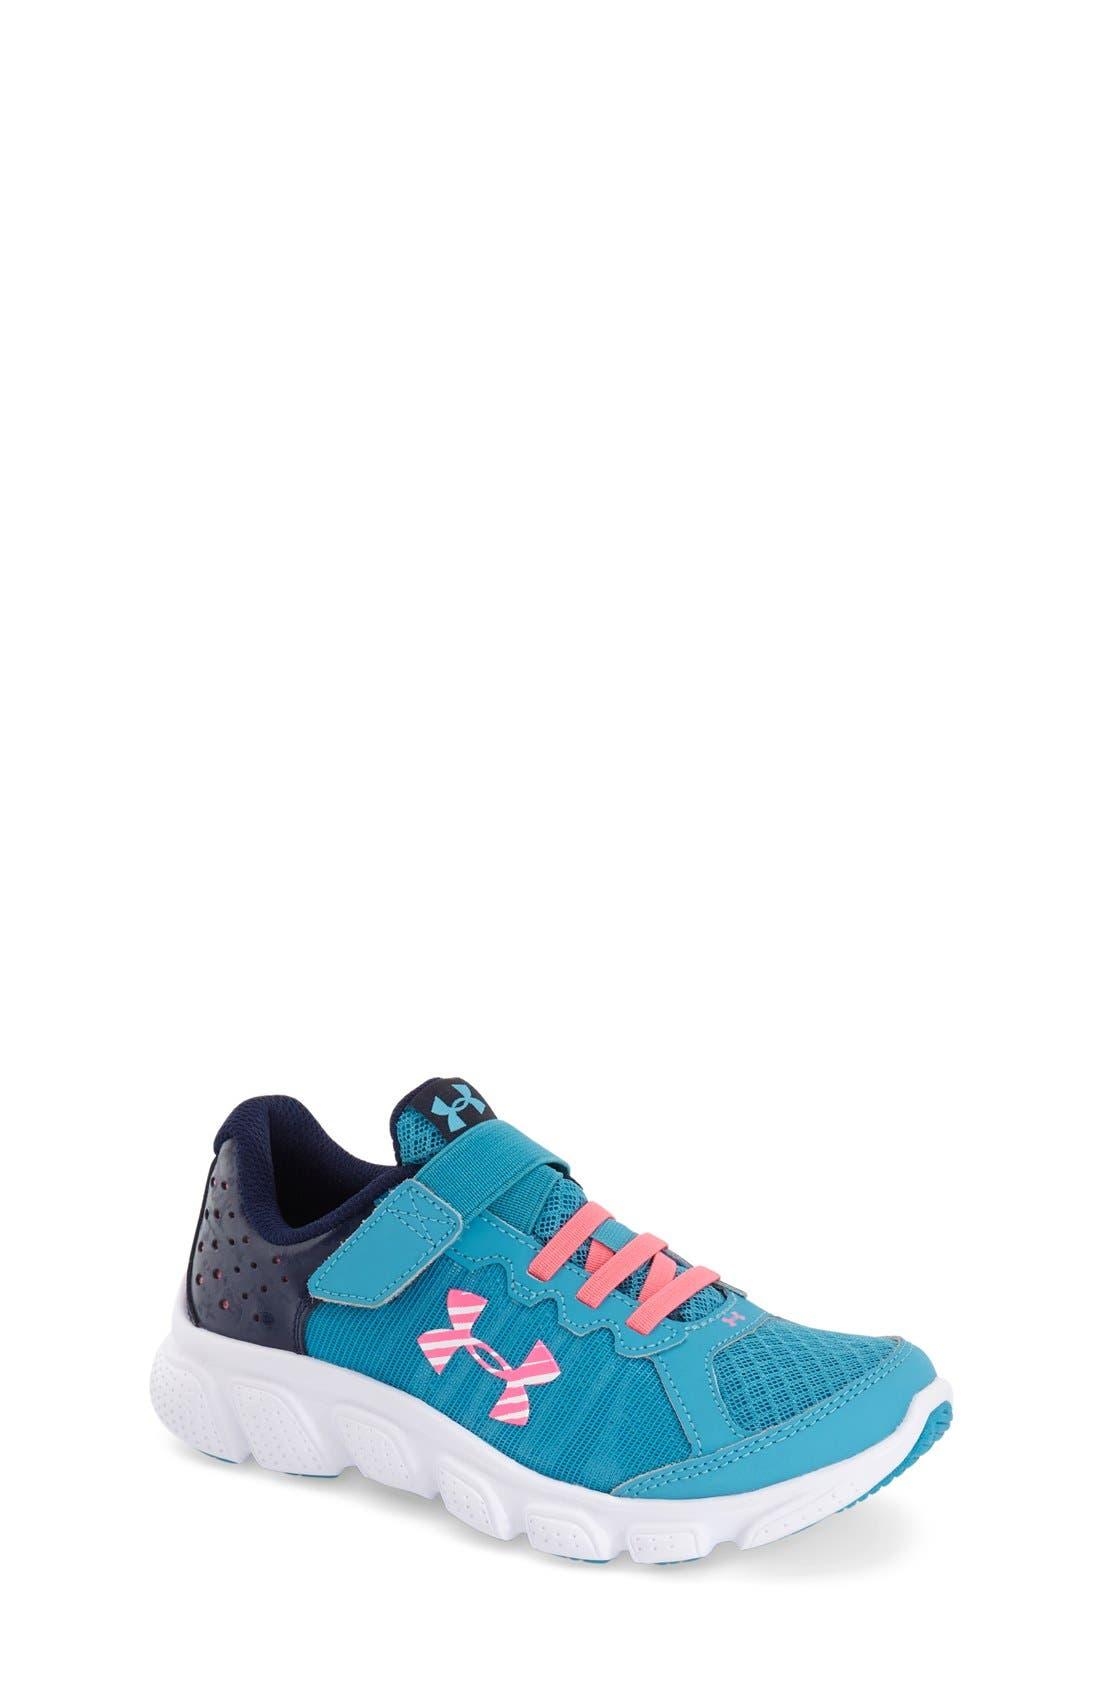 Under Armour Micro G Assert VI Running Shoe Walker